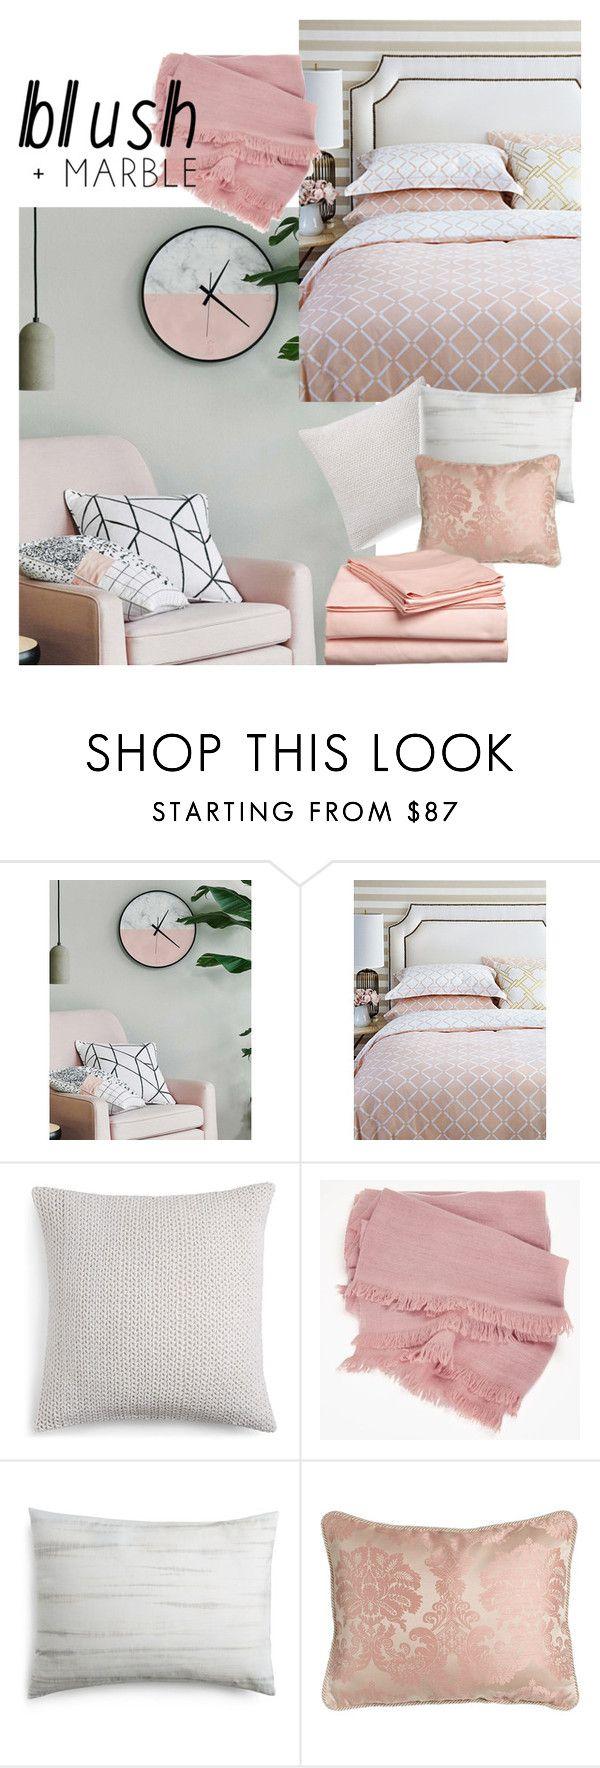 17 best ideas about blush bedroom on pinterest bedroom. Black Bedroom Furniture Sets. Home Design Ideas